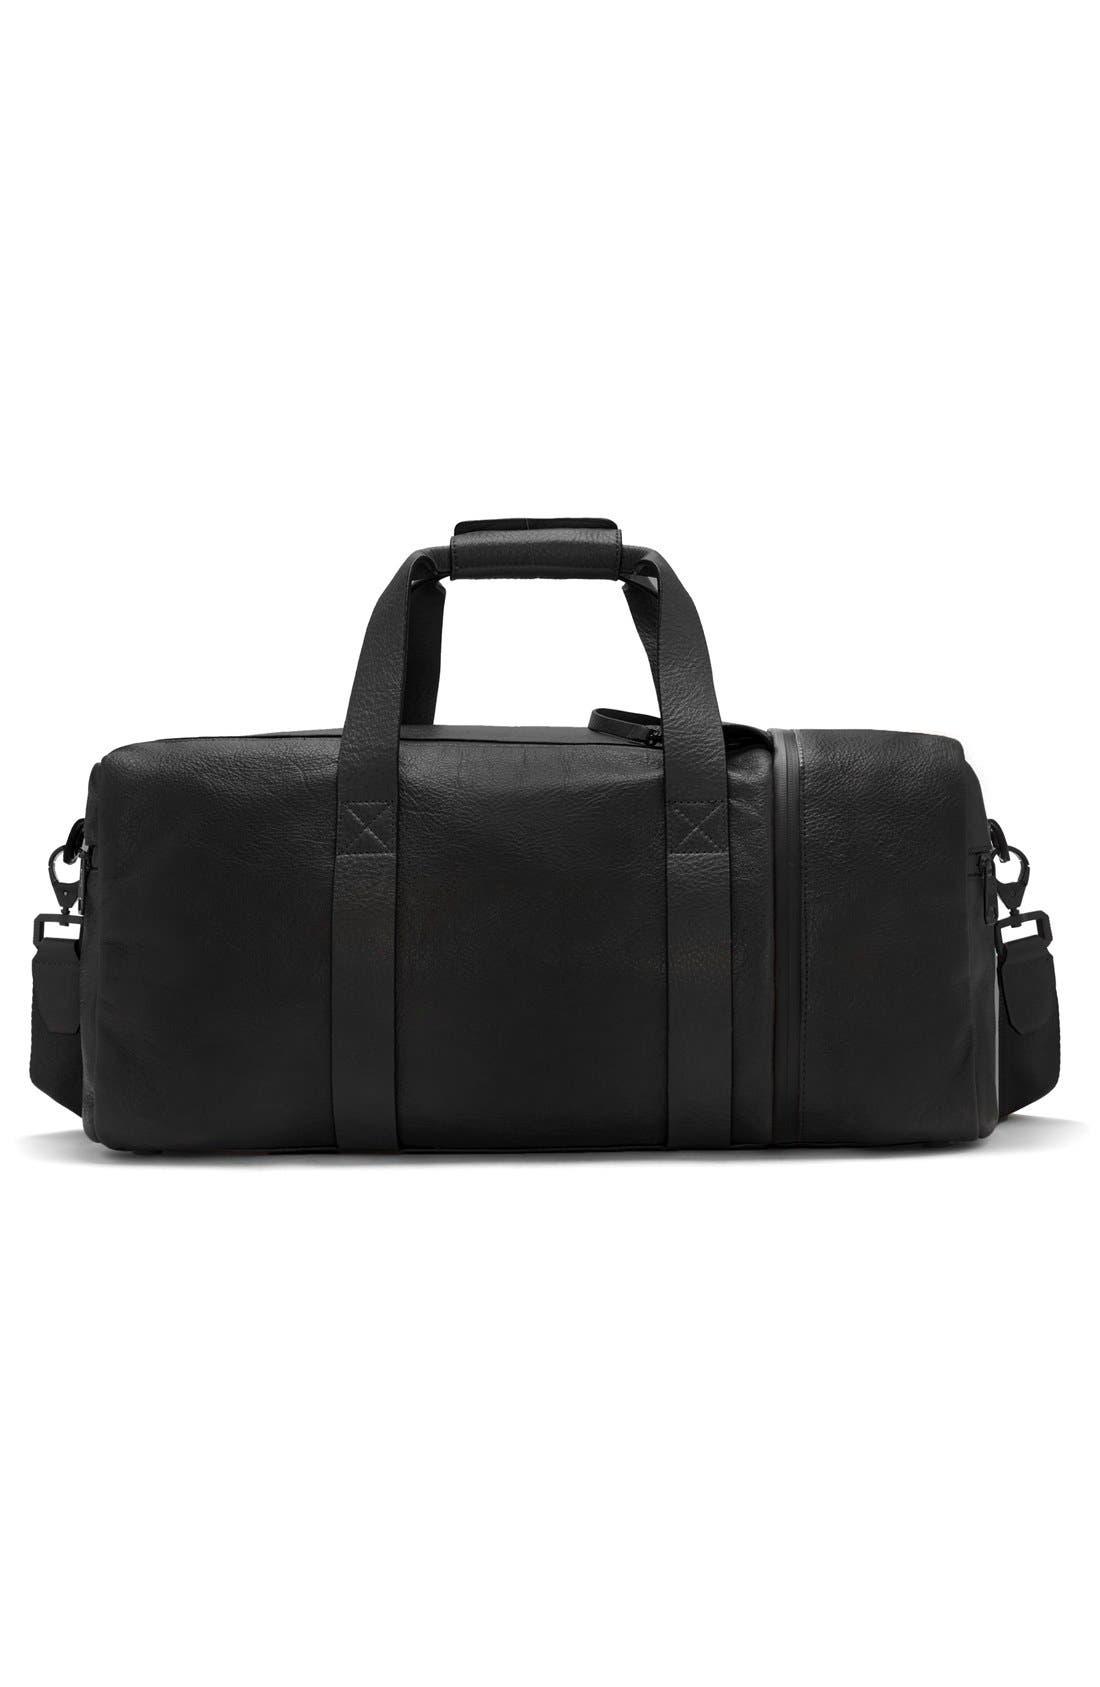 'Mestr' Leather & Suede Duffel Bag,                             Alternate thumbnail 3, color,                             001